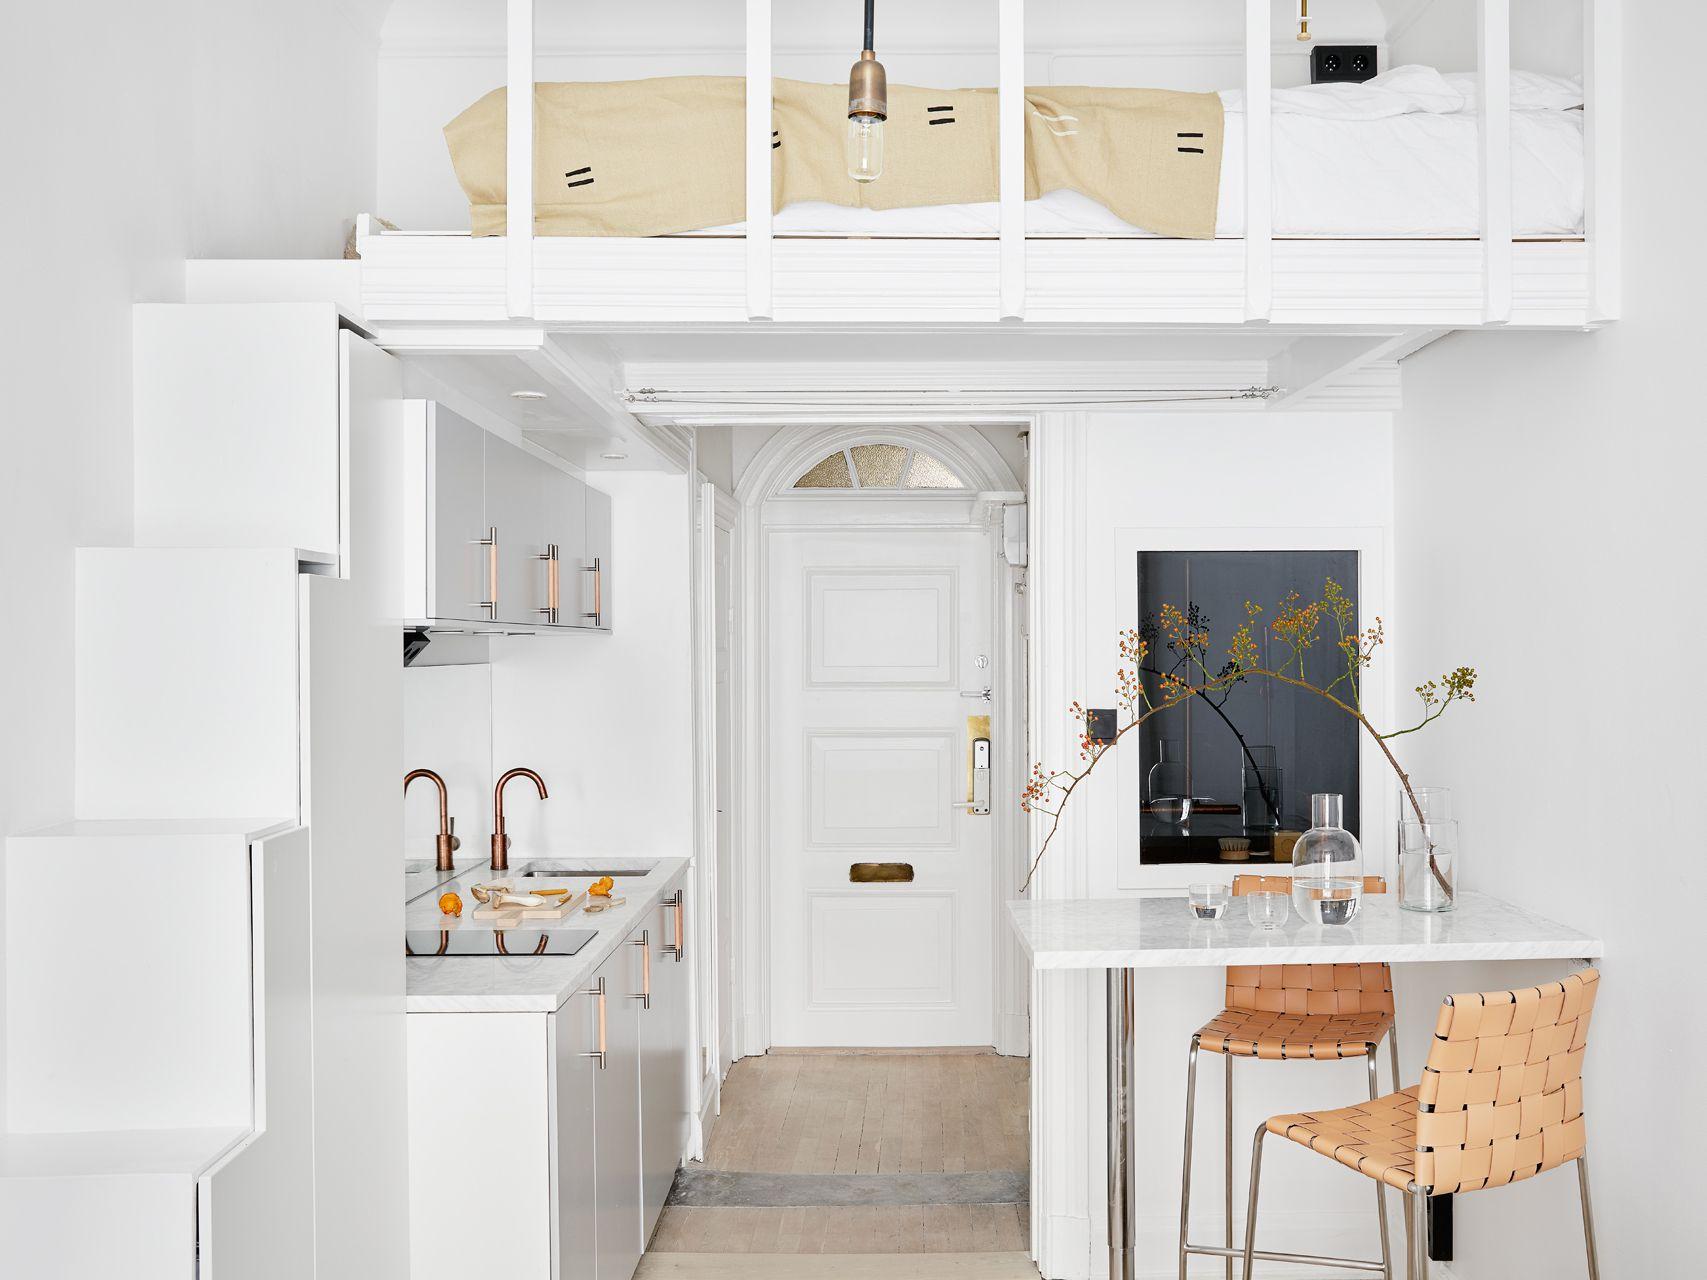 One Studio Apartment 4 Ways—Follow Our